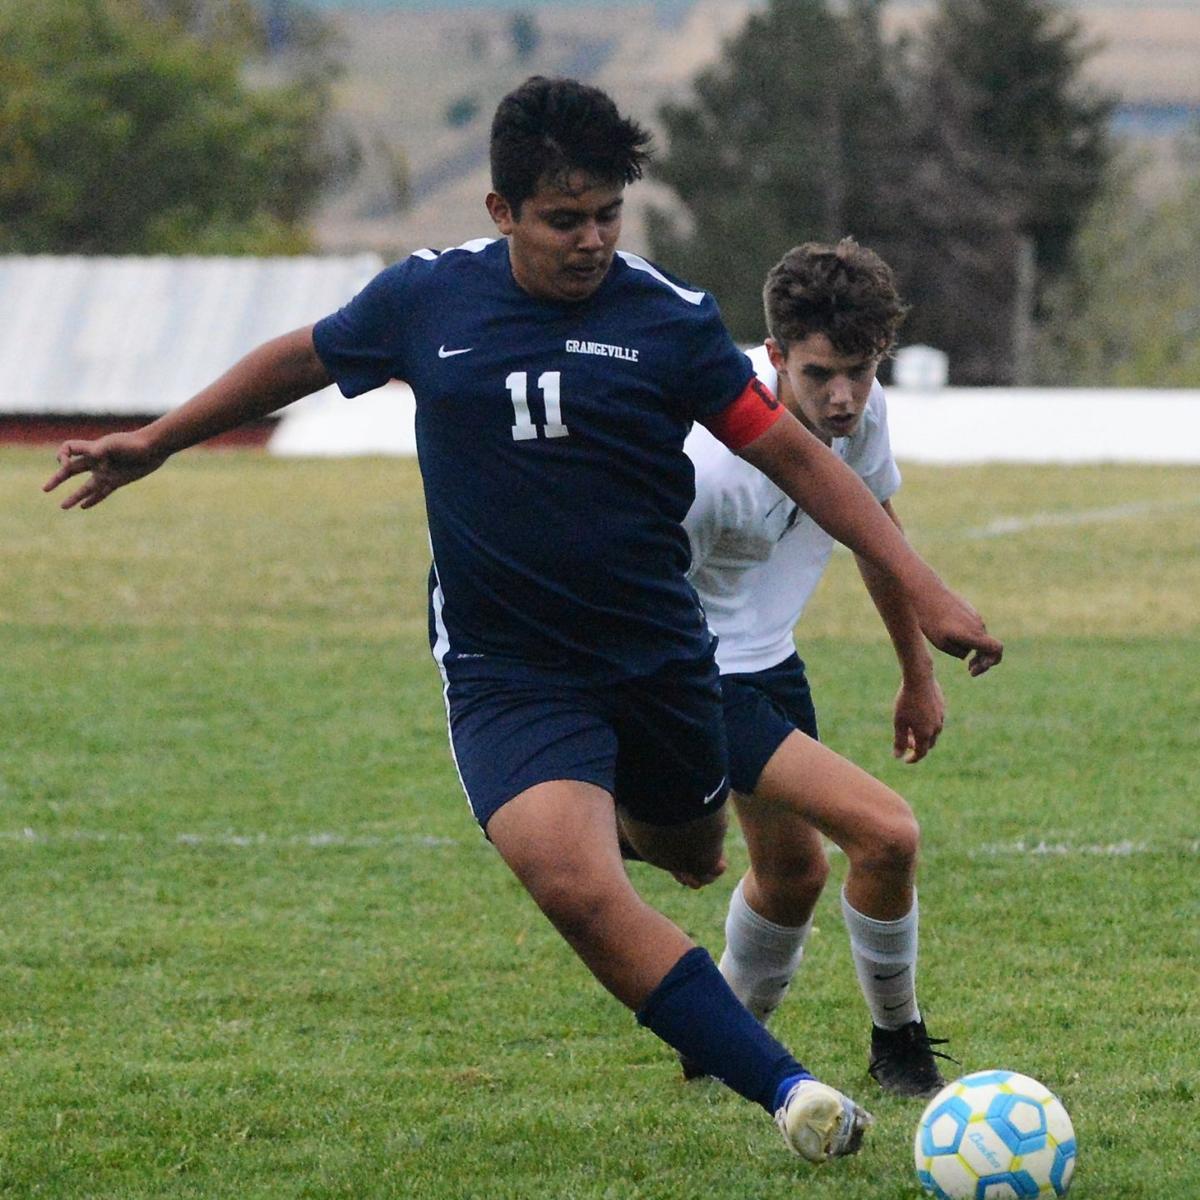 Jesus Perez - Grangeville soccer